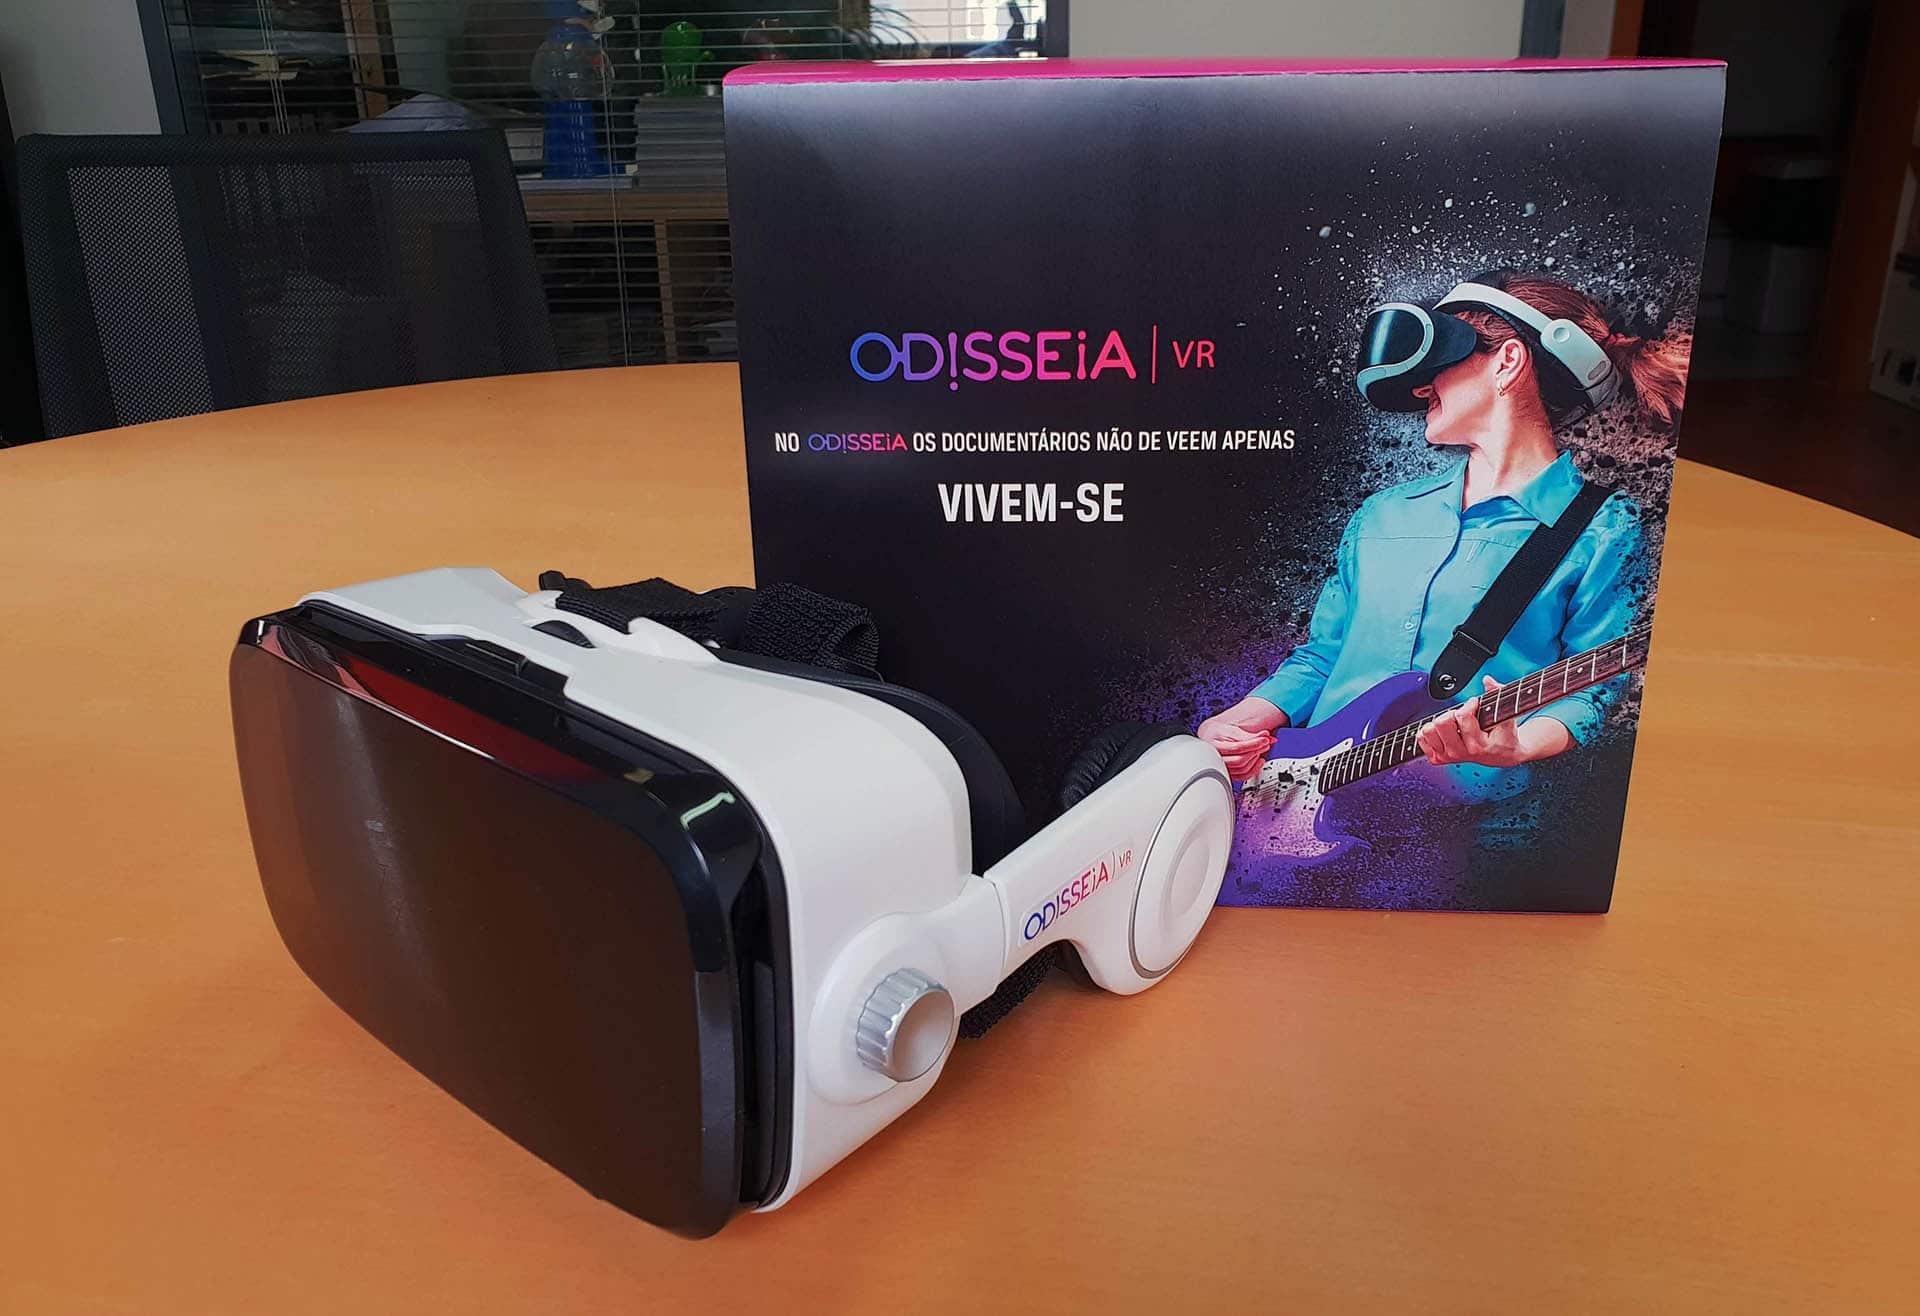 aplicação - OdisseiaVR 02 - Odisseia lança App Gratuita de Realidade Virtual